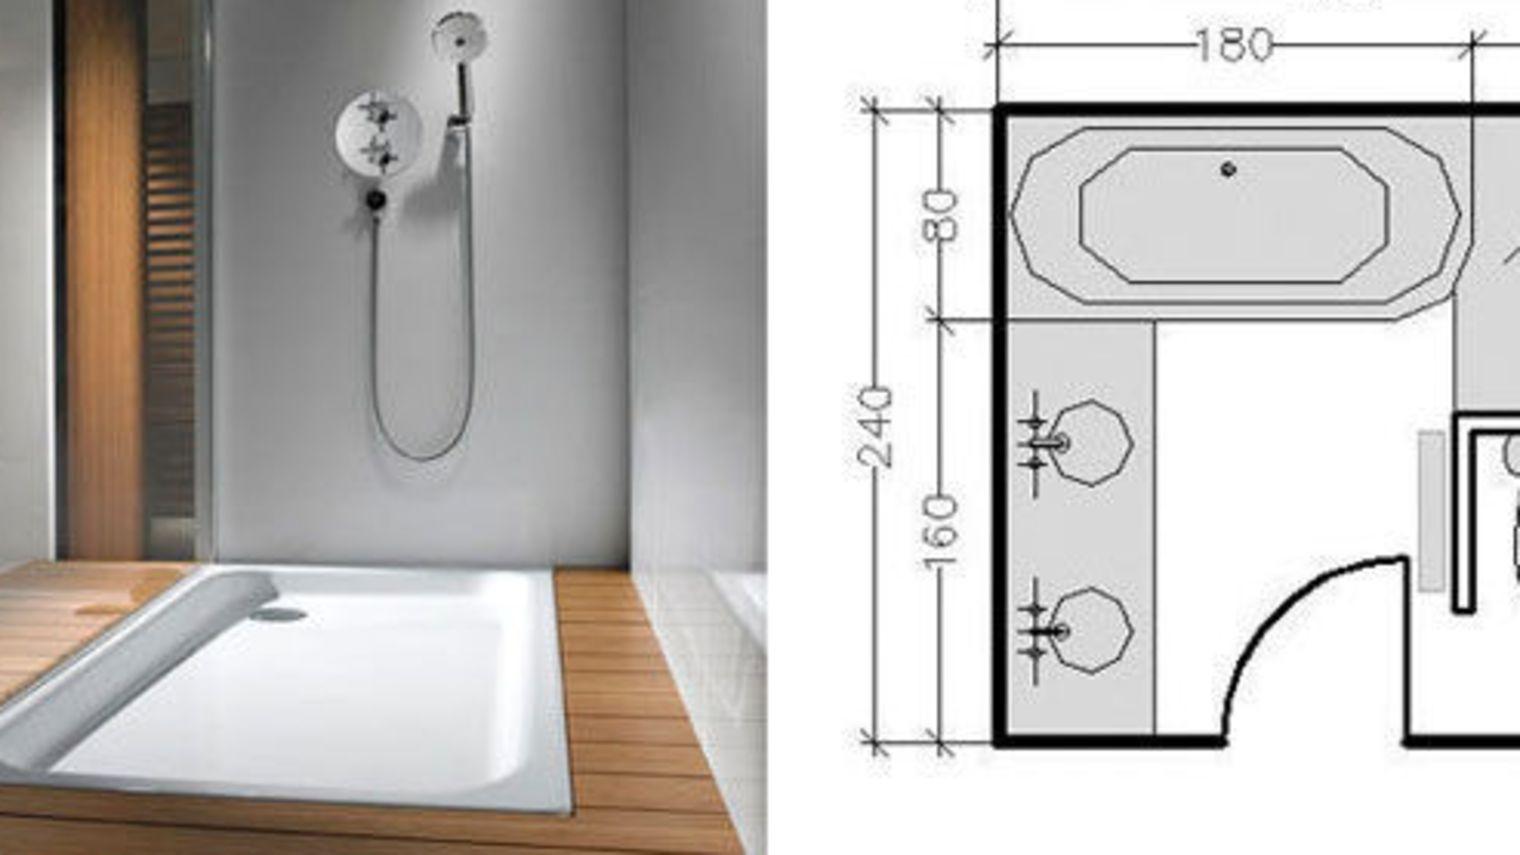 Exemple Salle De Bain 8m2   salle de bain   Plan salle de ...